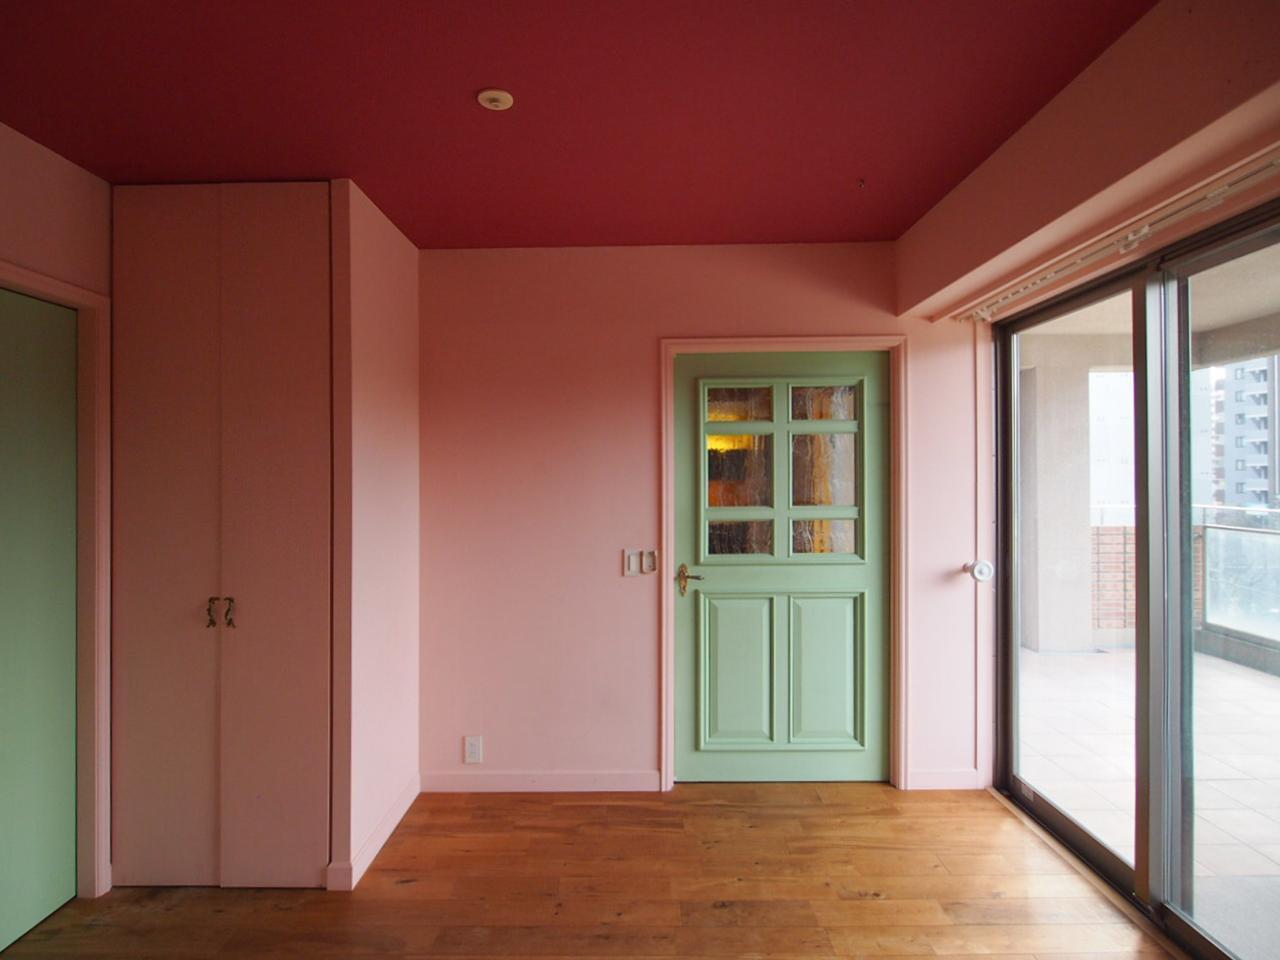 ミントグリーンの扉は、LDKへとつながってます